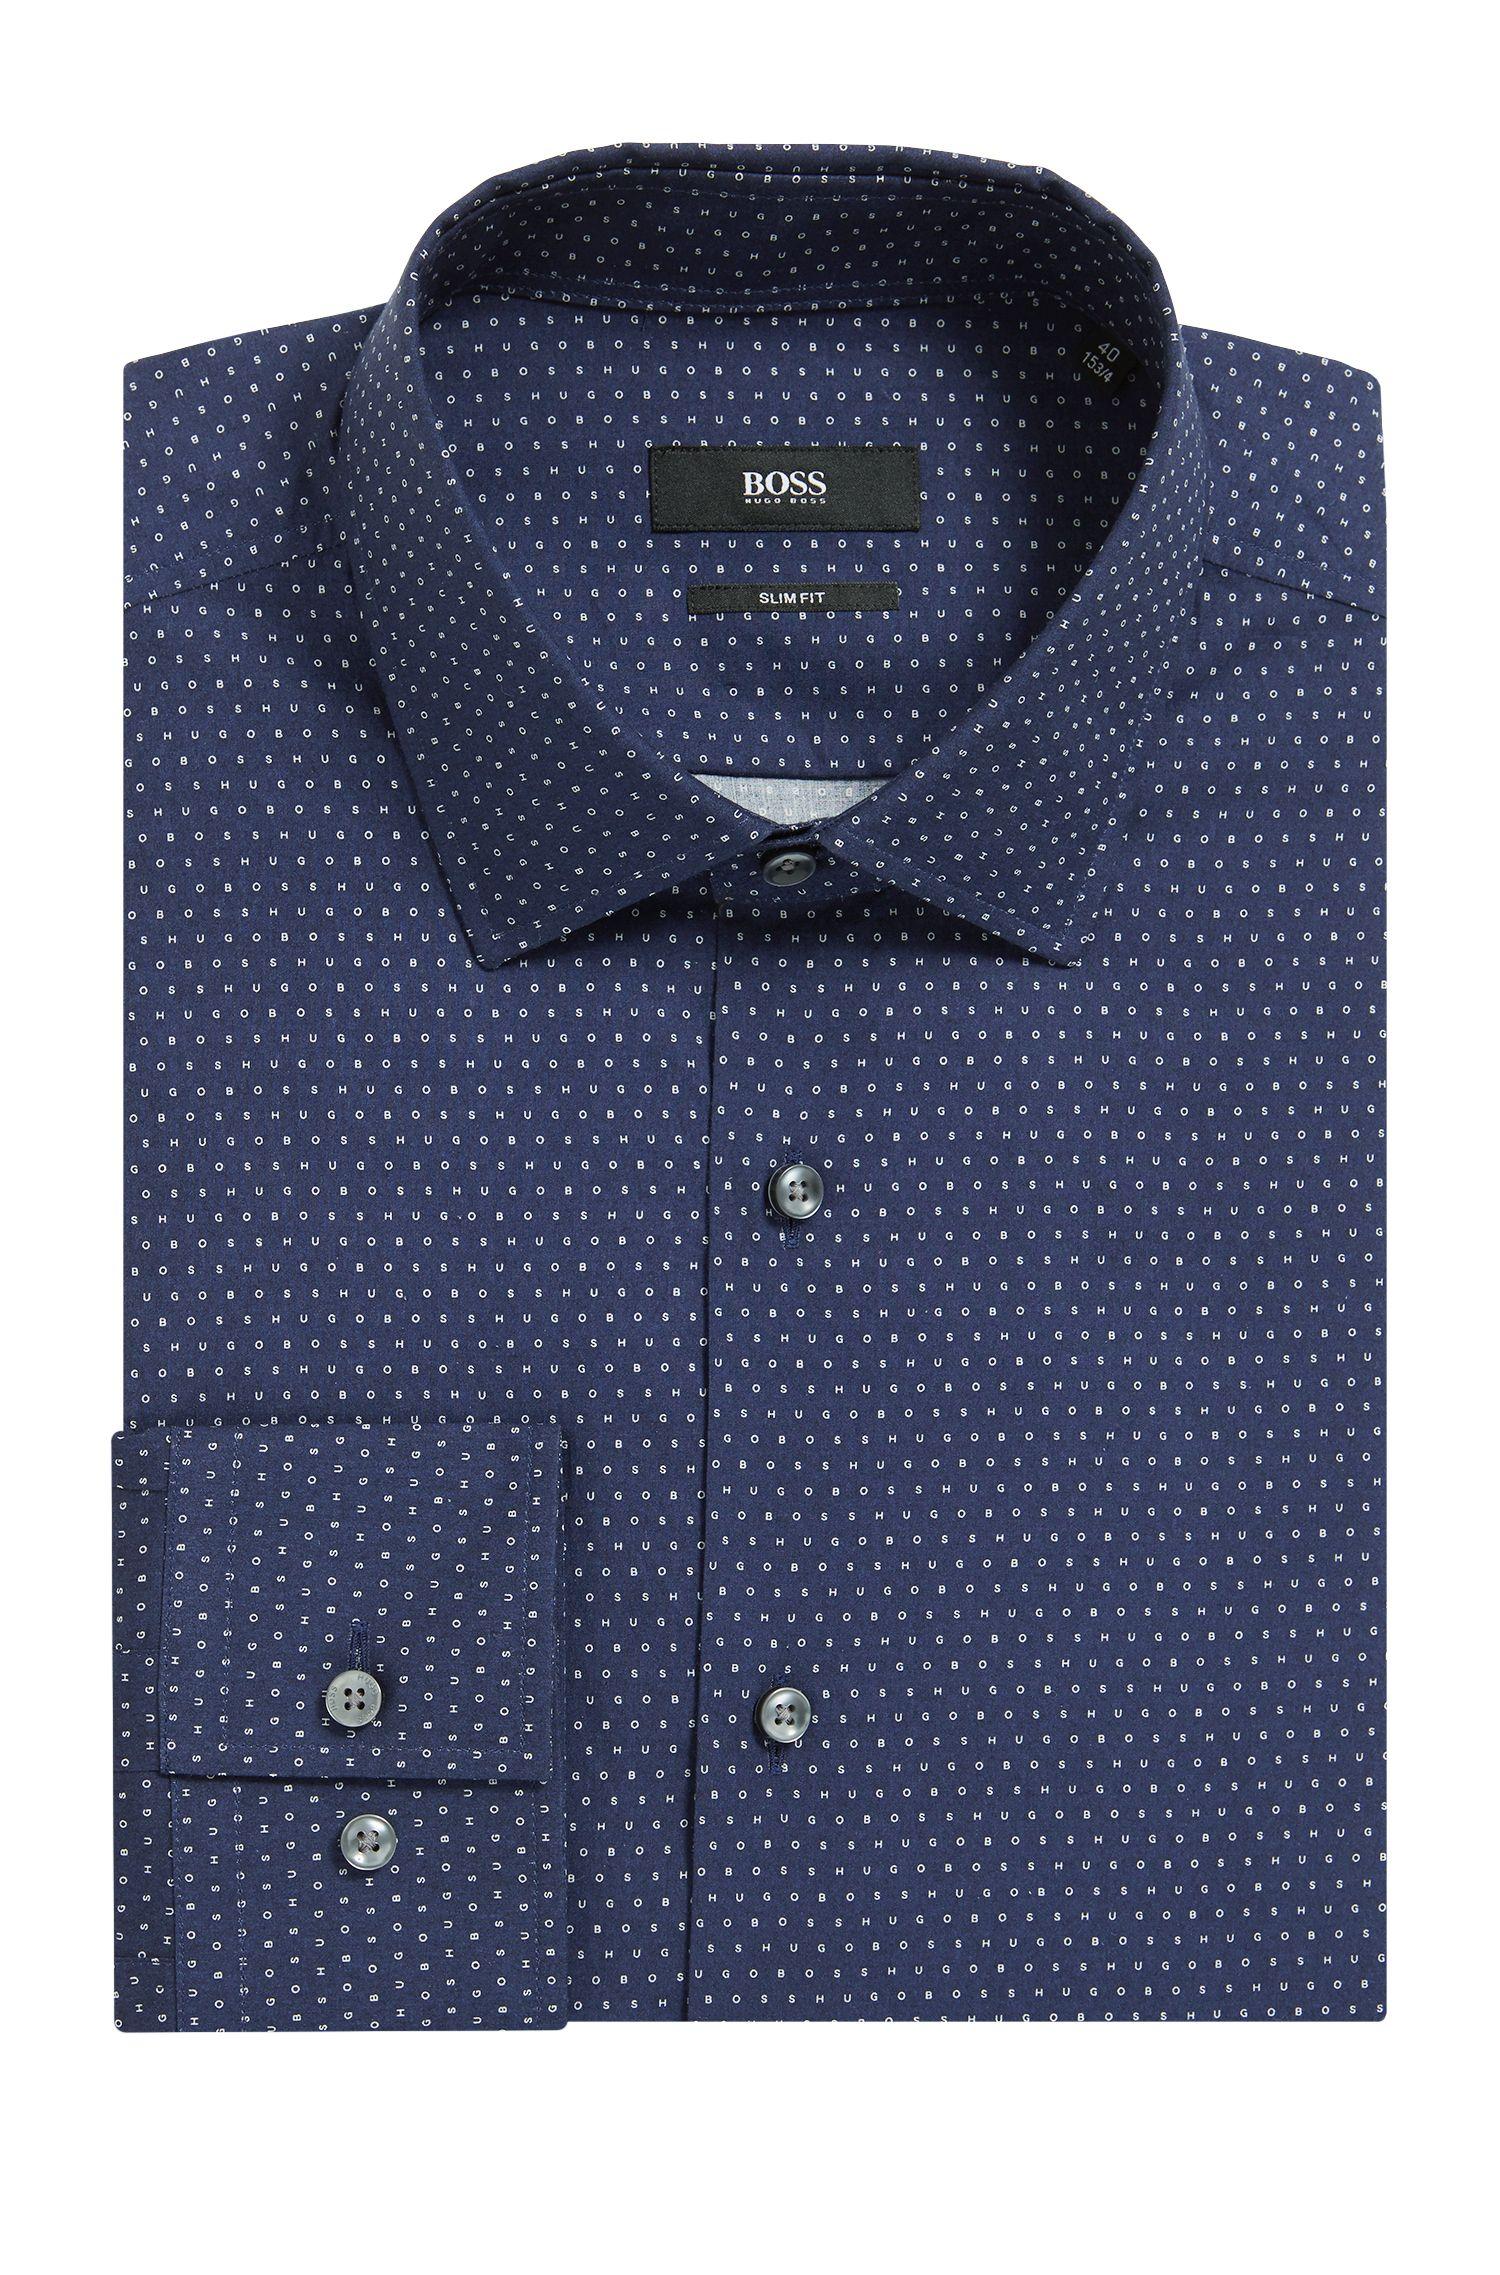 Camisa slim fit de algodón con estampado integral